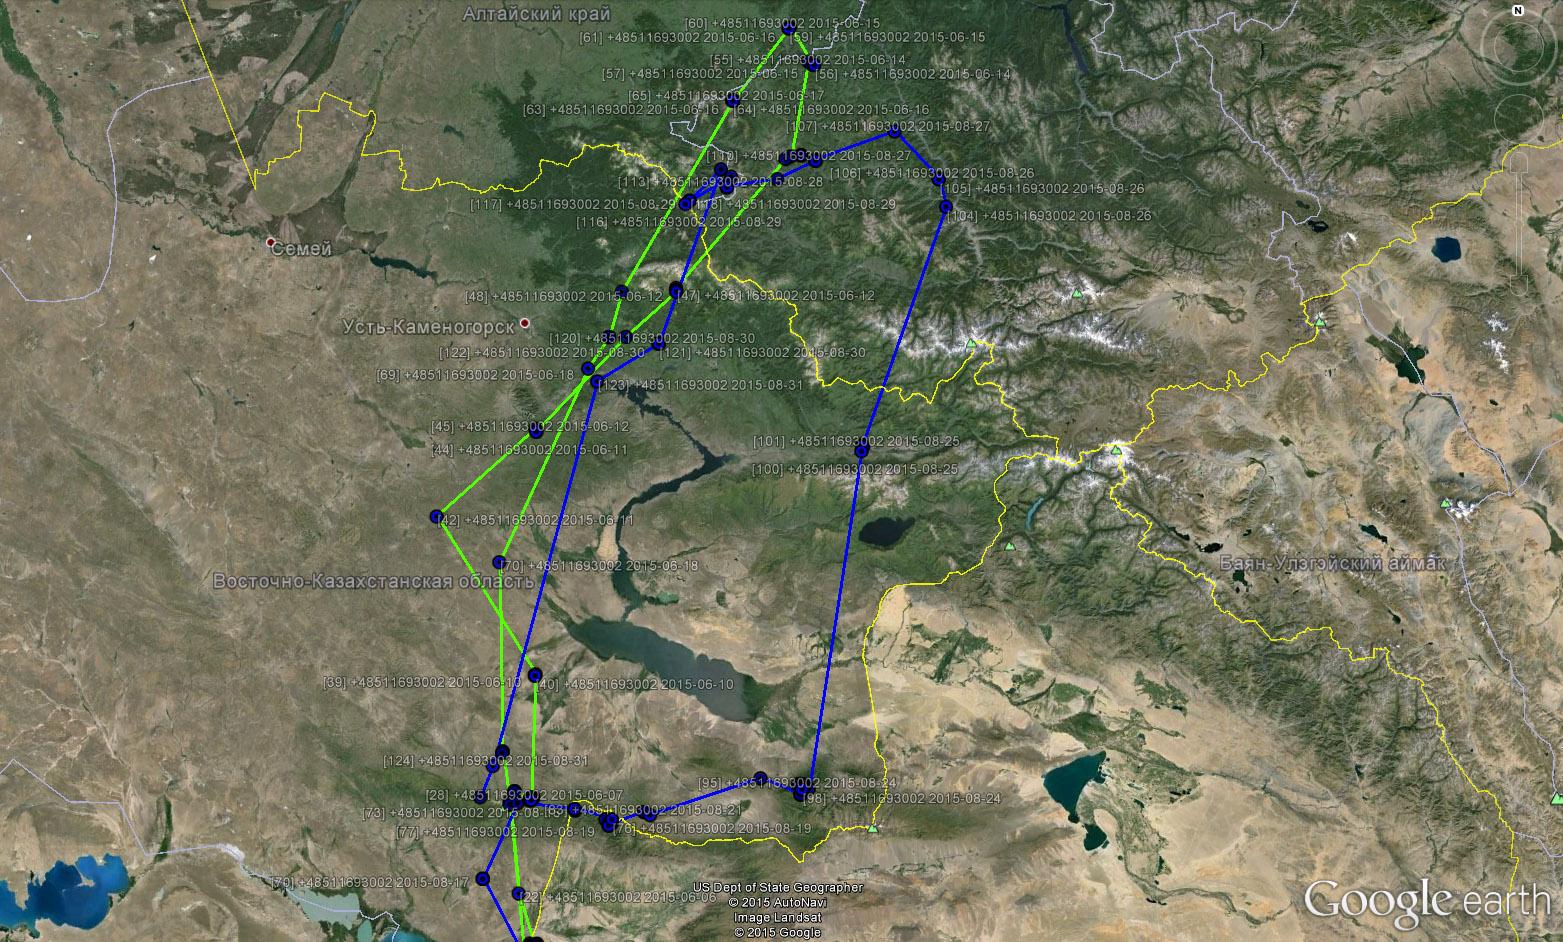 Перемещения Каночки в мае-августе 2015 г. (зеленый трек - май-июль, синий - август)